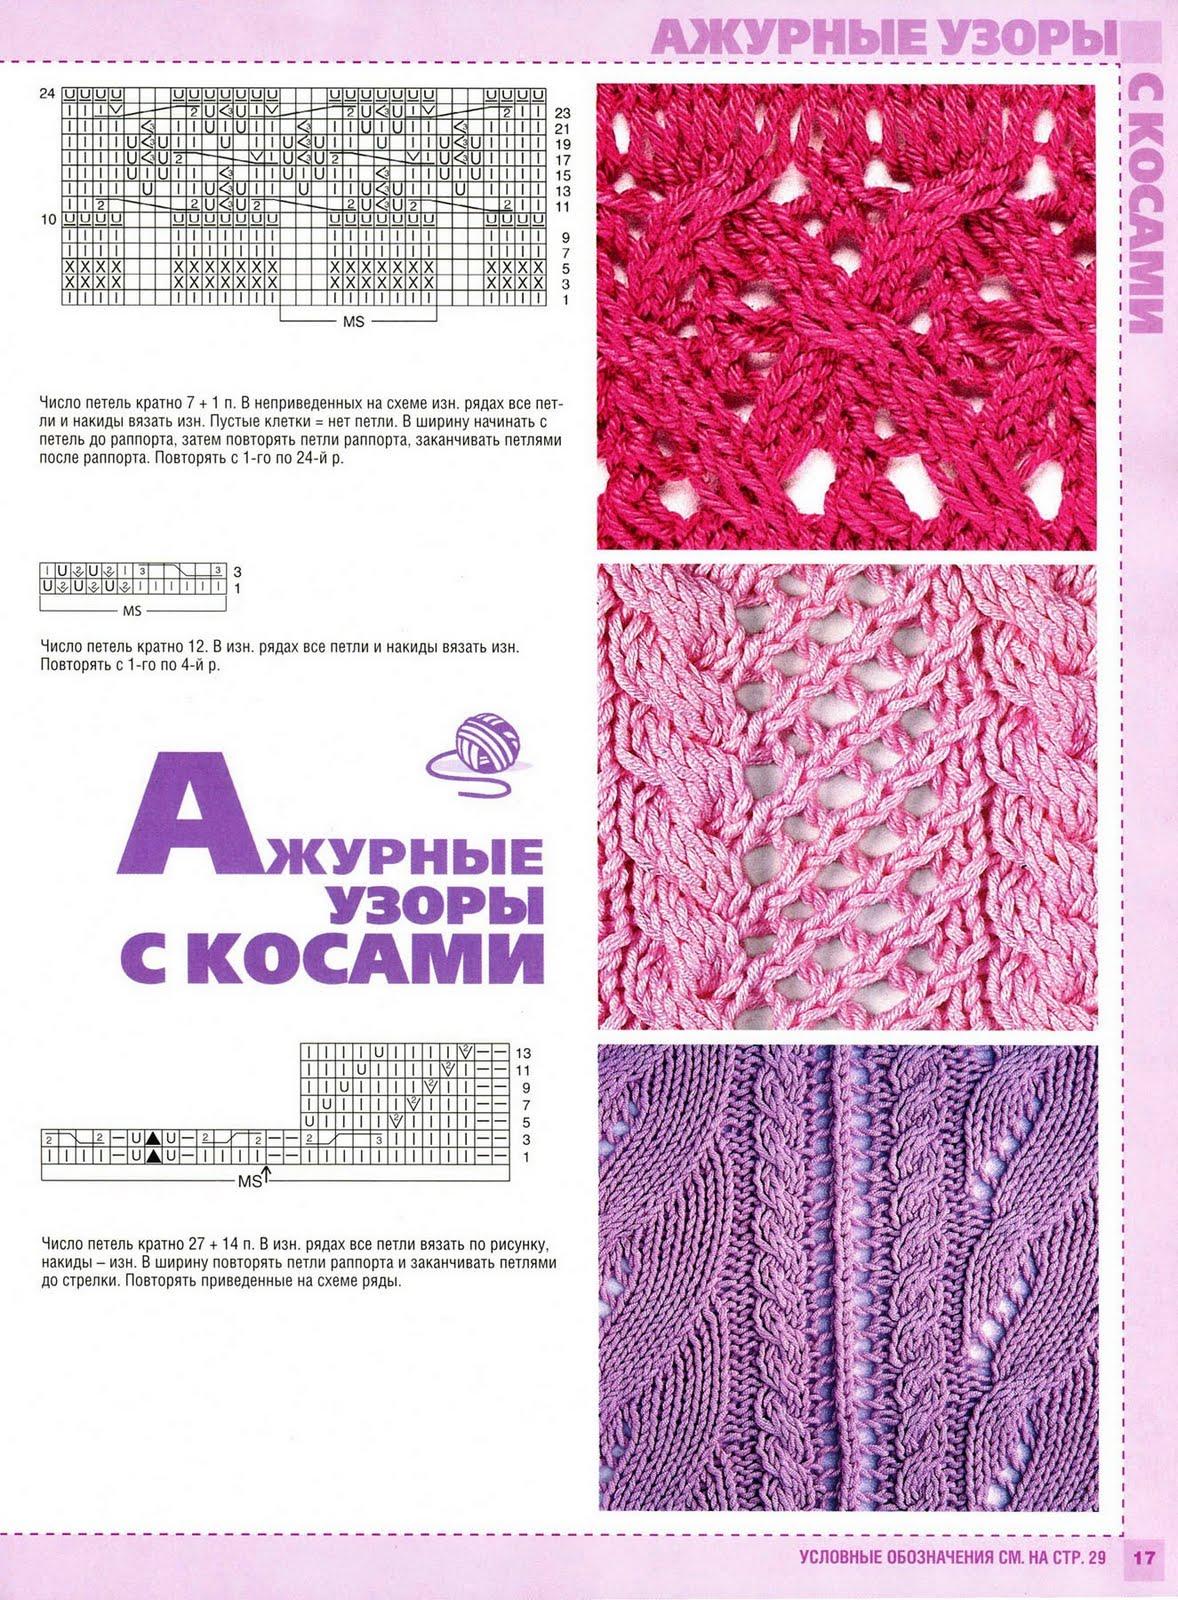 Ажурные узоры по вязанию журнал